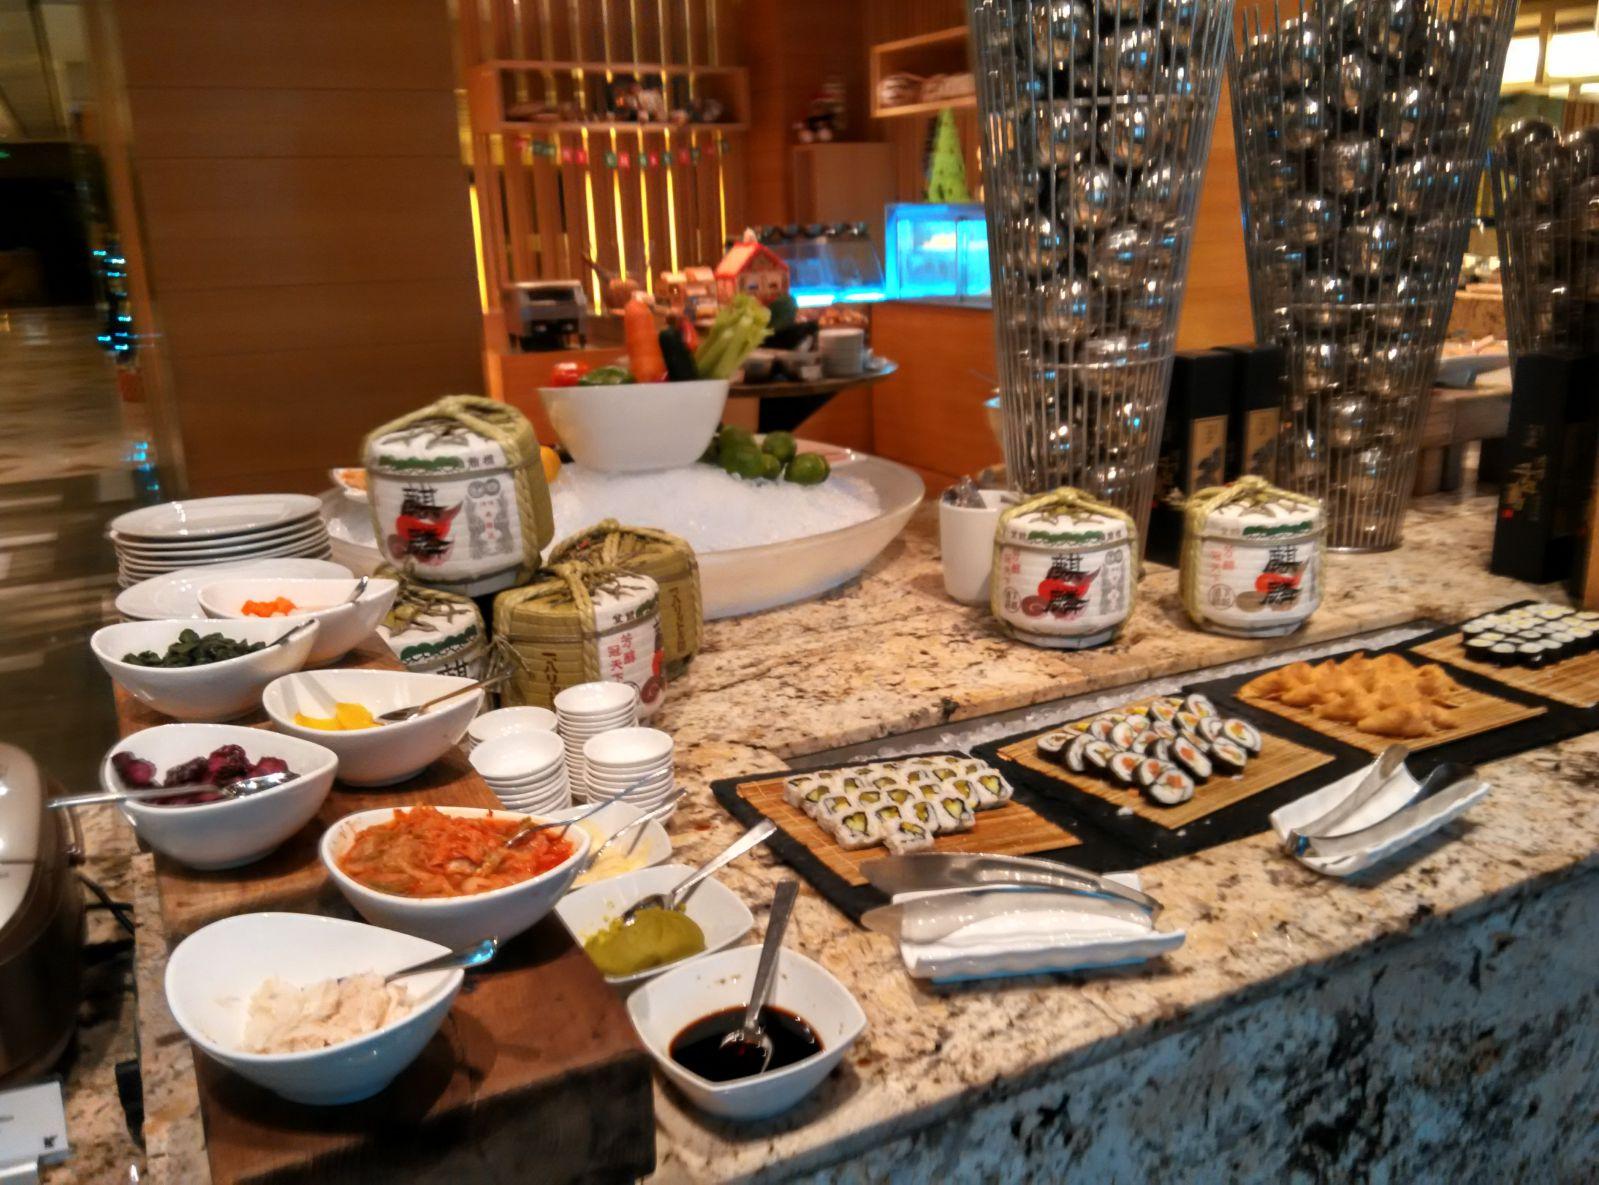 shenzhen-jw-marriott-breakfast-1